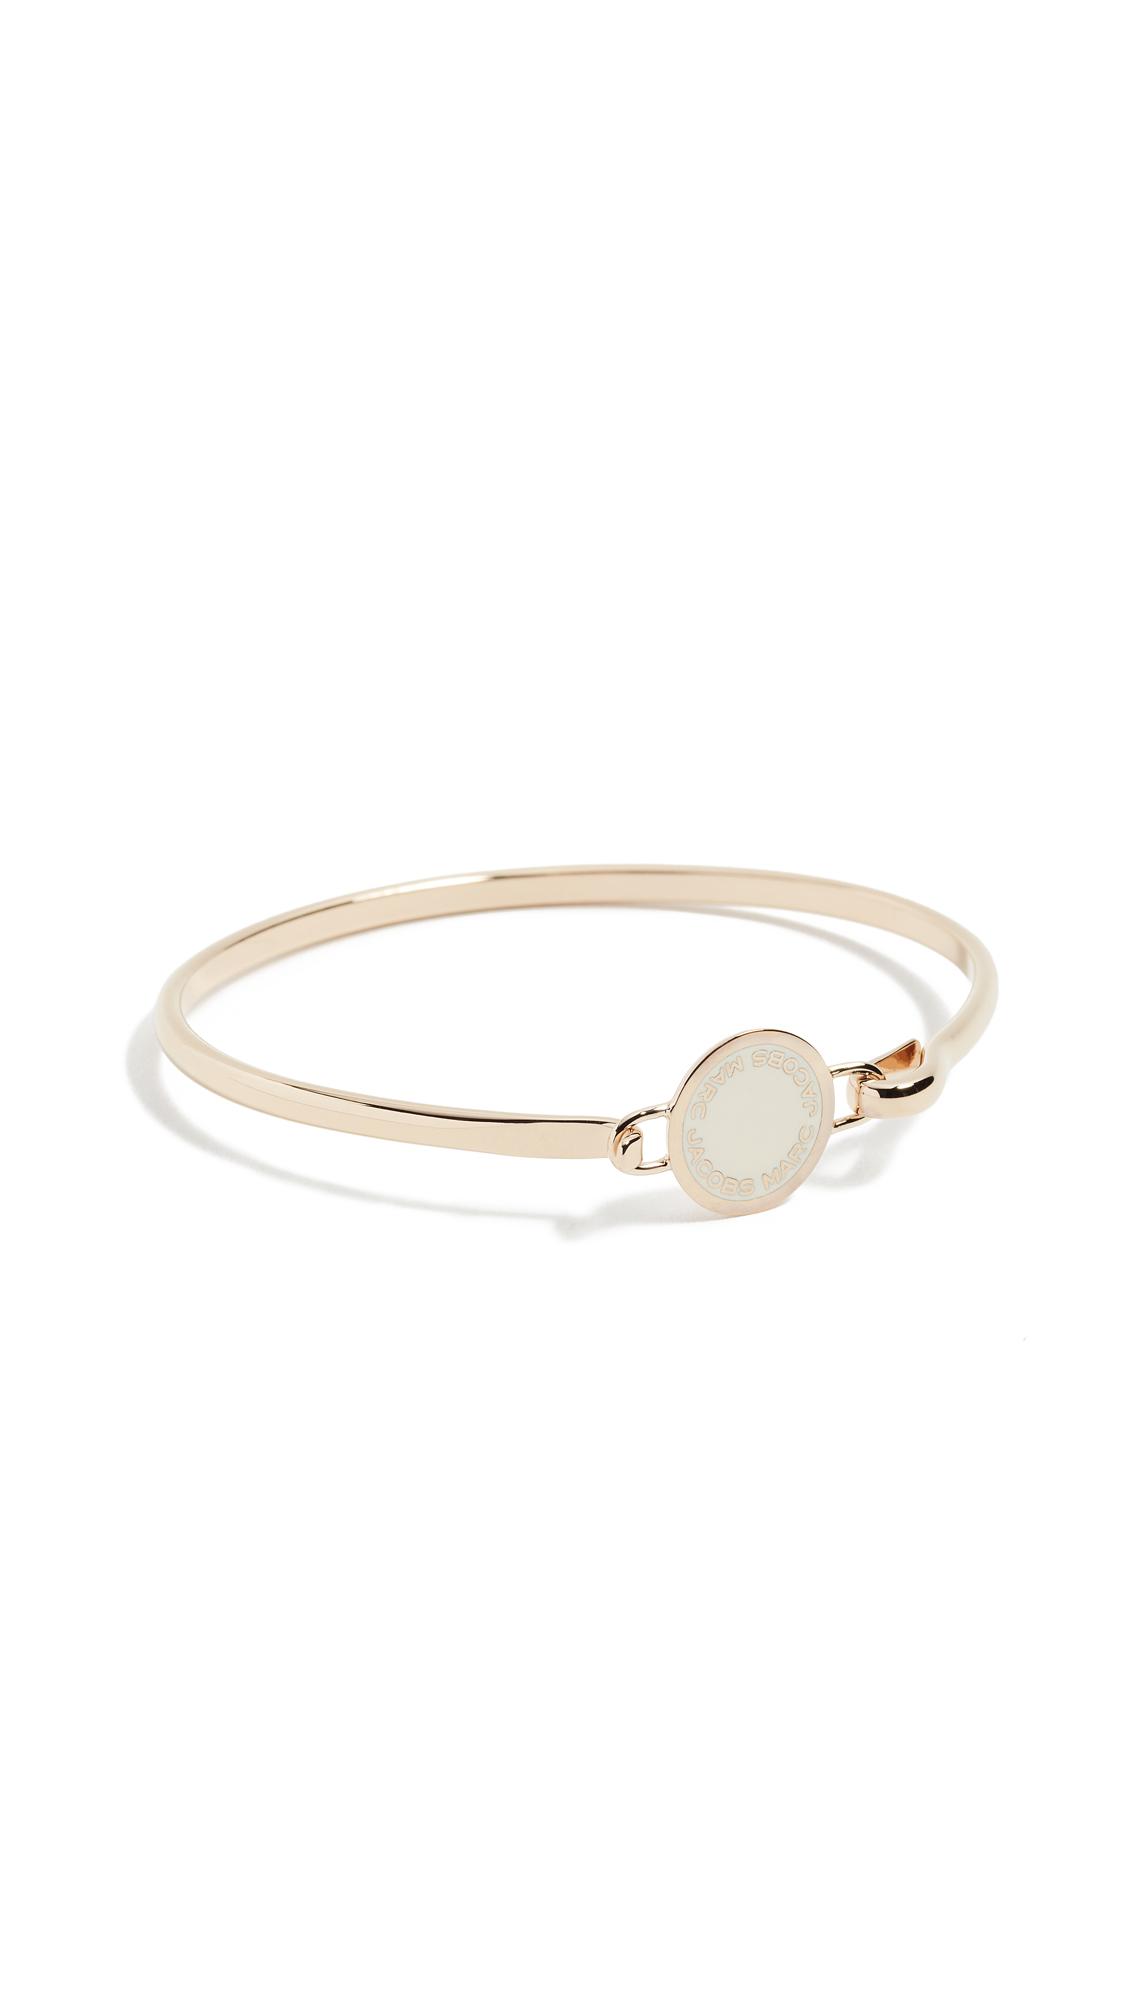 Marc Jacobs Enamel Logo Disc Hinge Bracelet - Cream